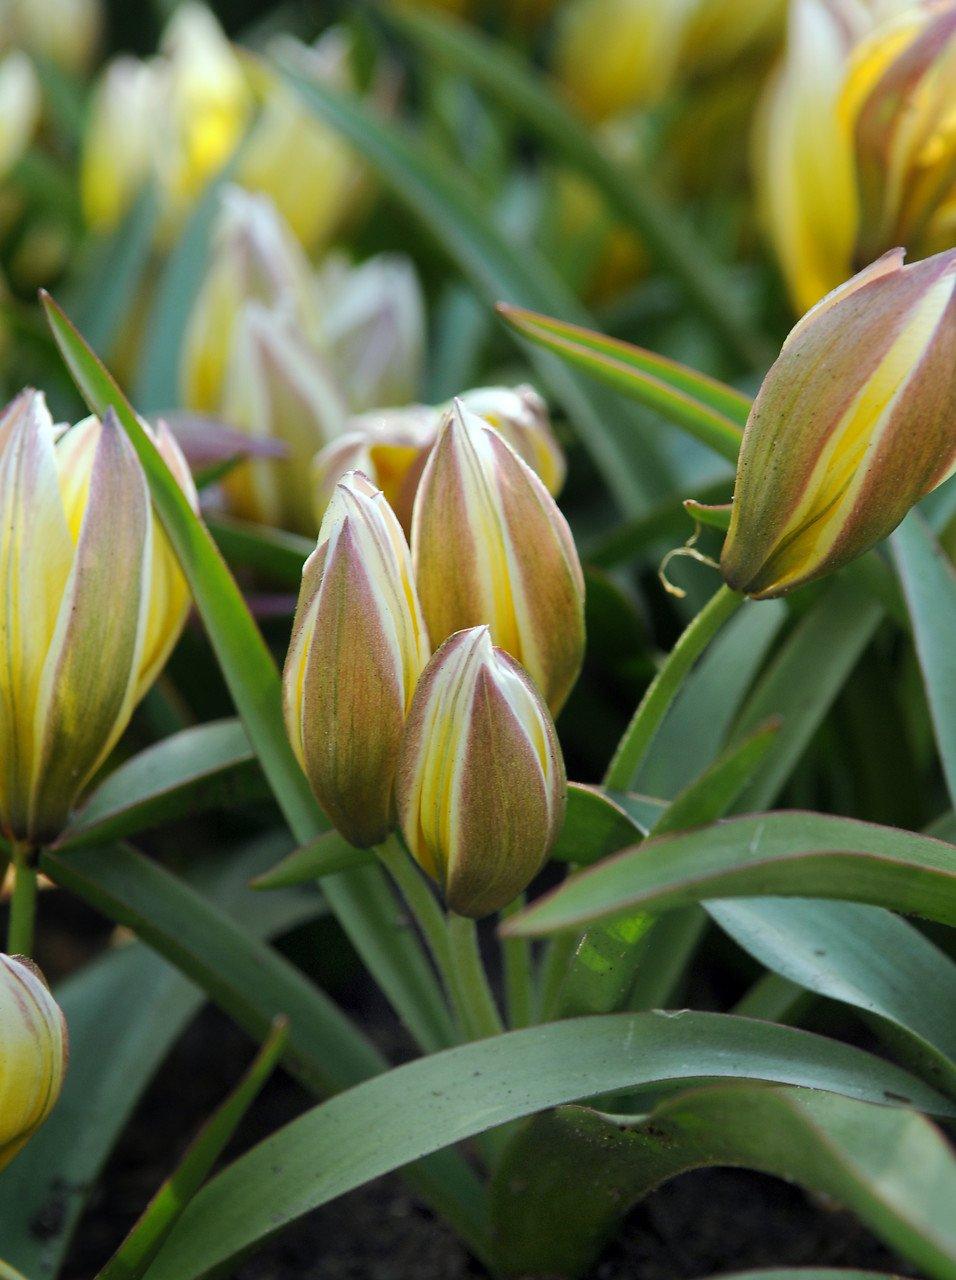 Tulipa dasystemon 'Tarda'